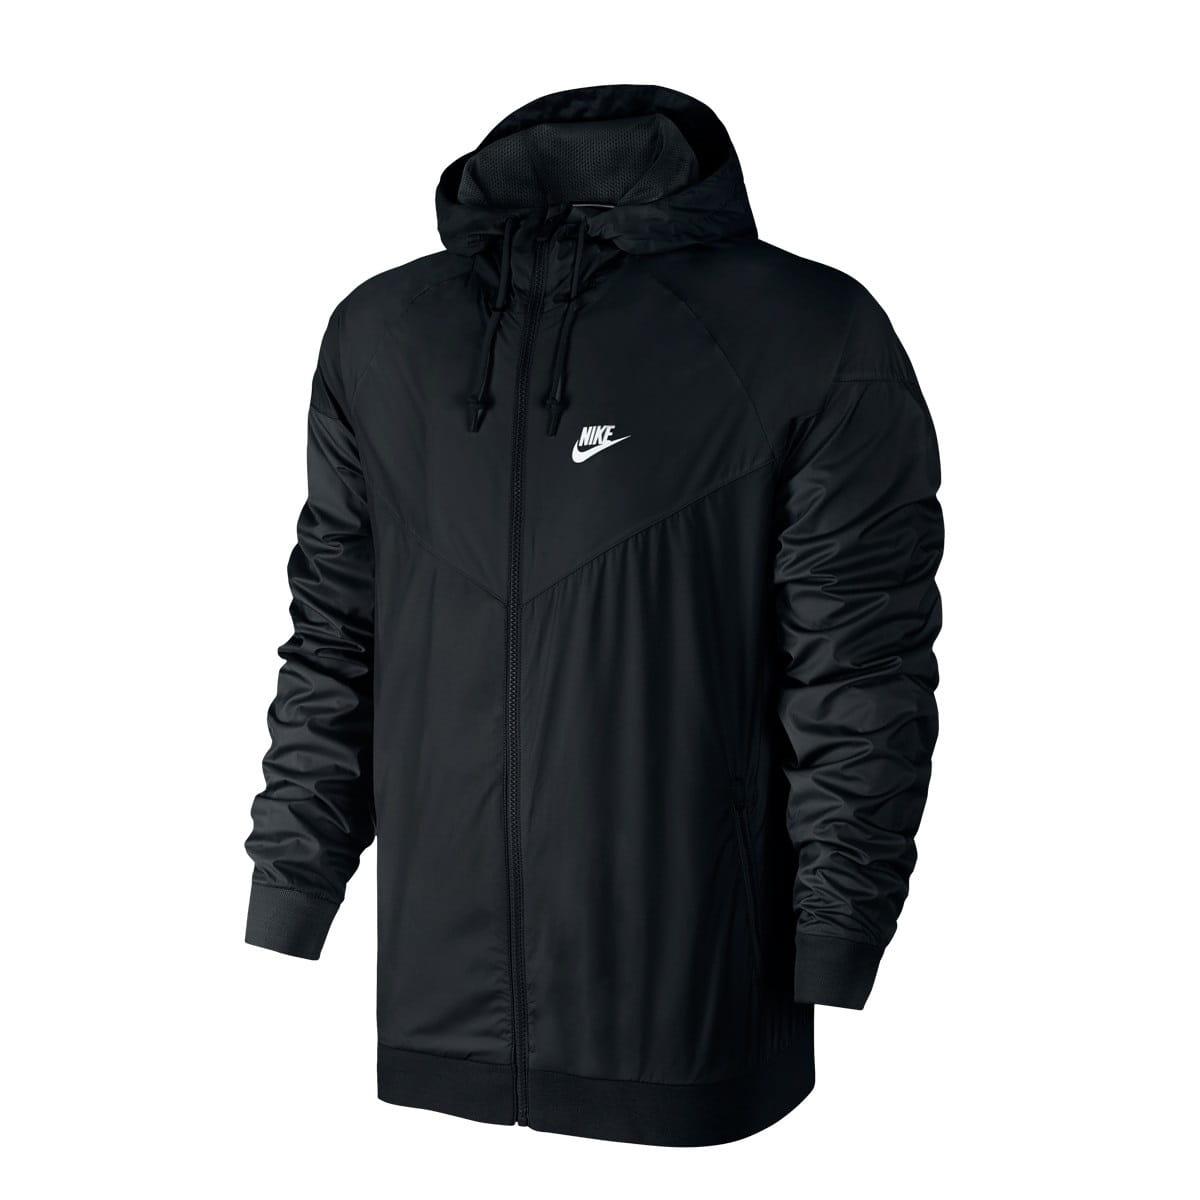 f230e8ea70ee2b Kurtka Nike Sportswear Windrunner 727324-010 ProSport24.pl ...